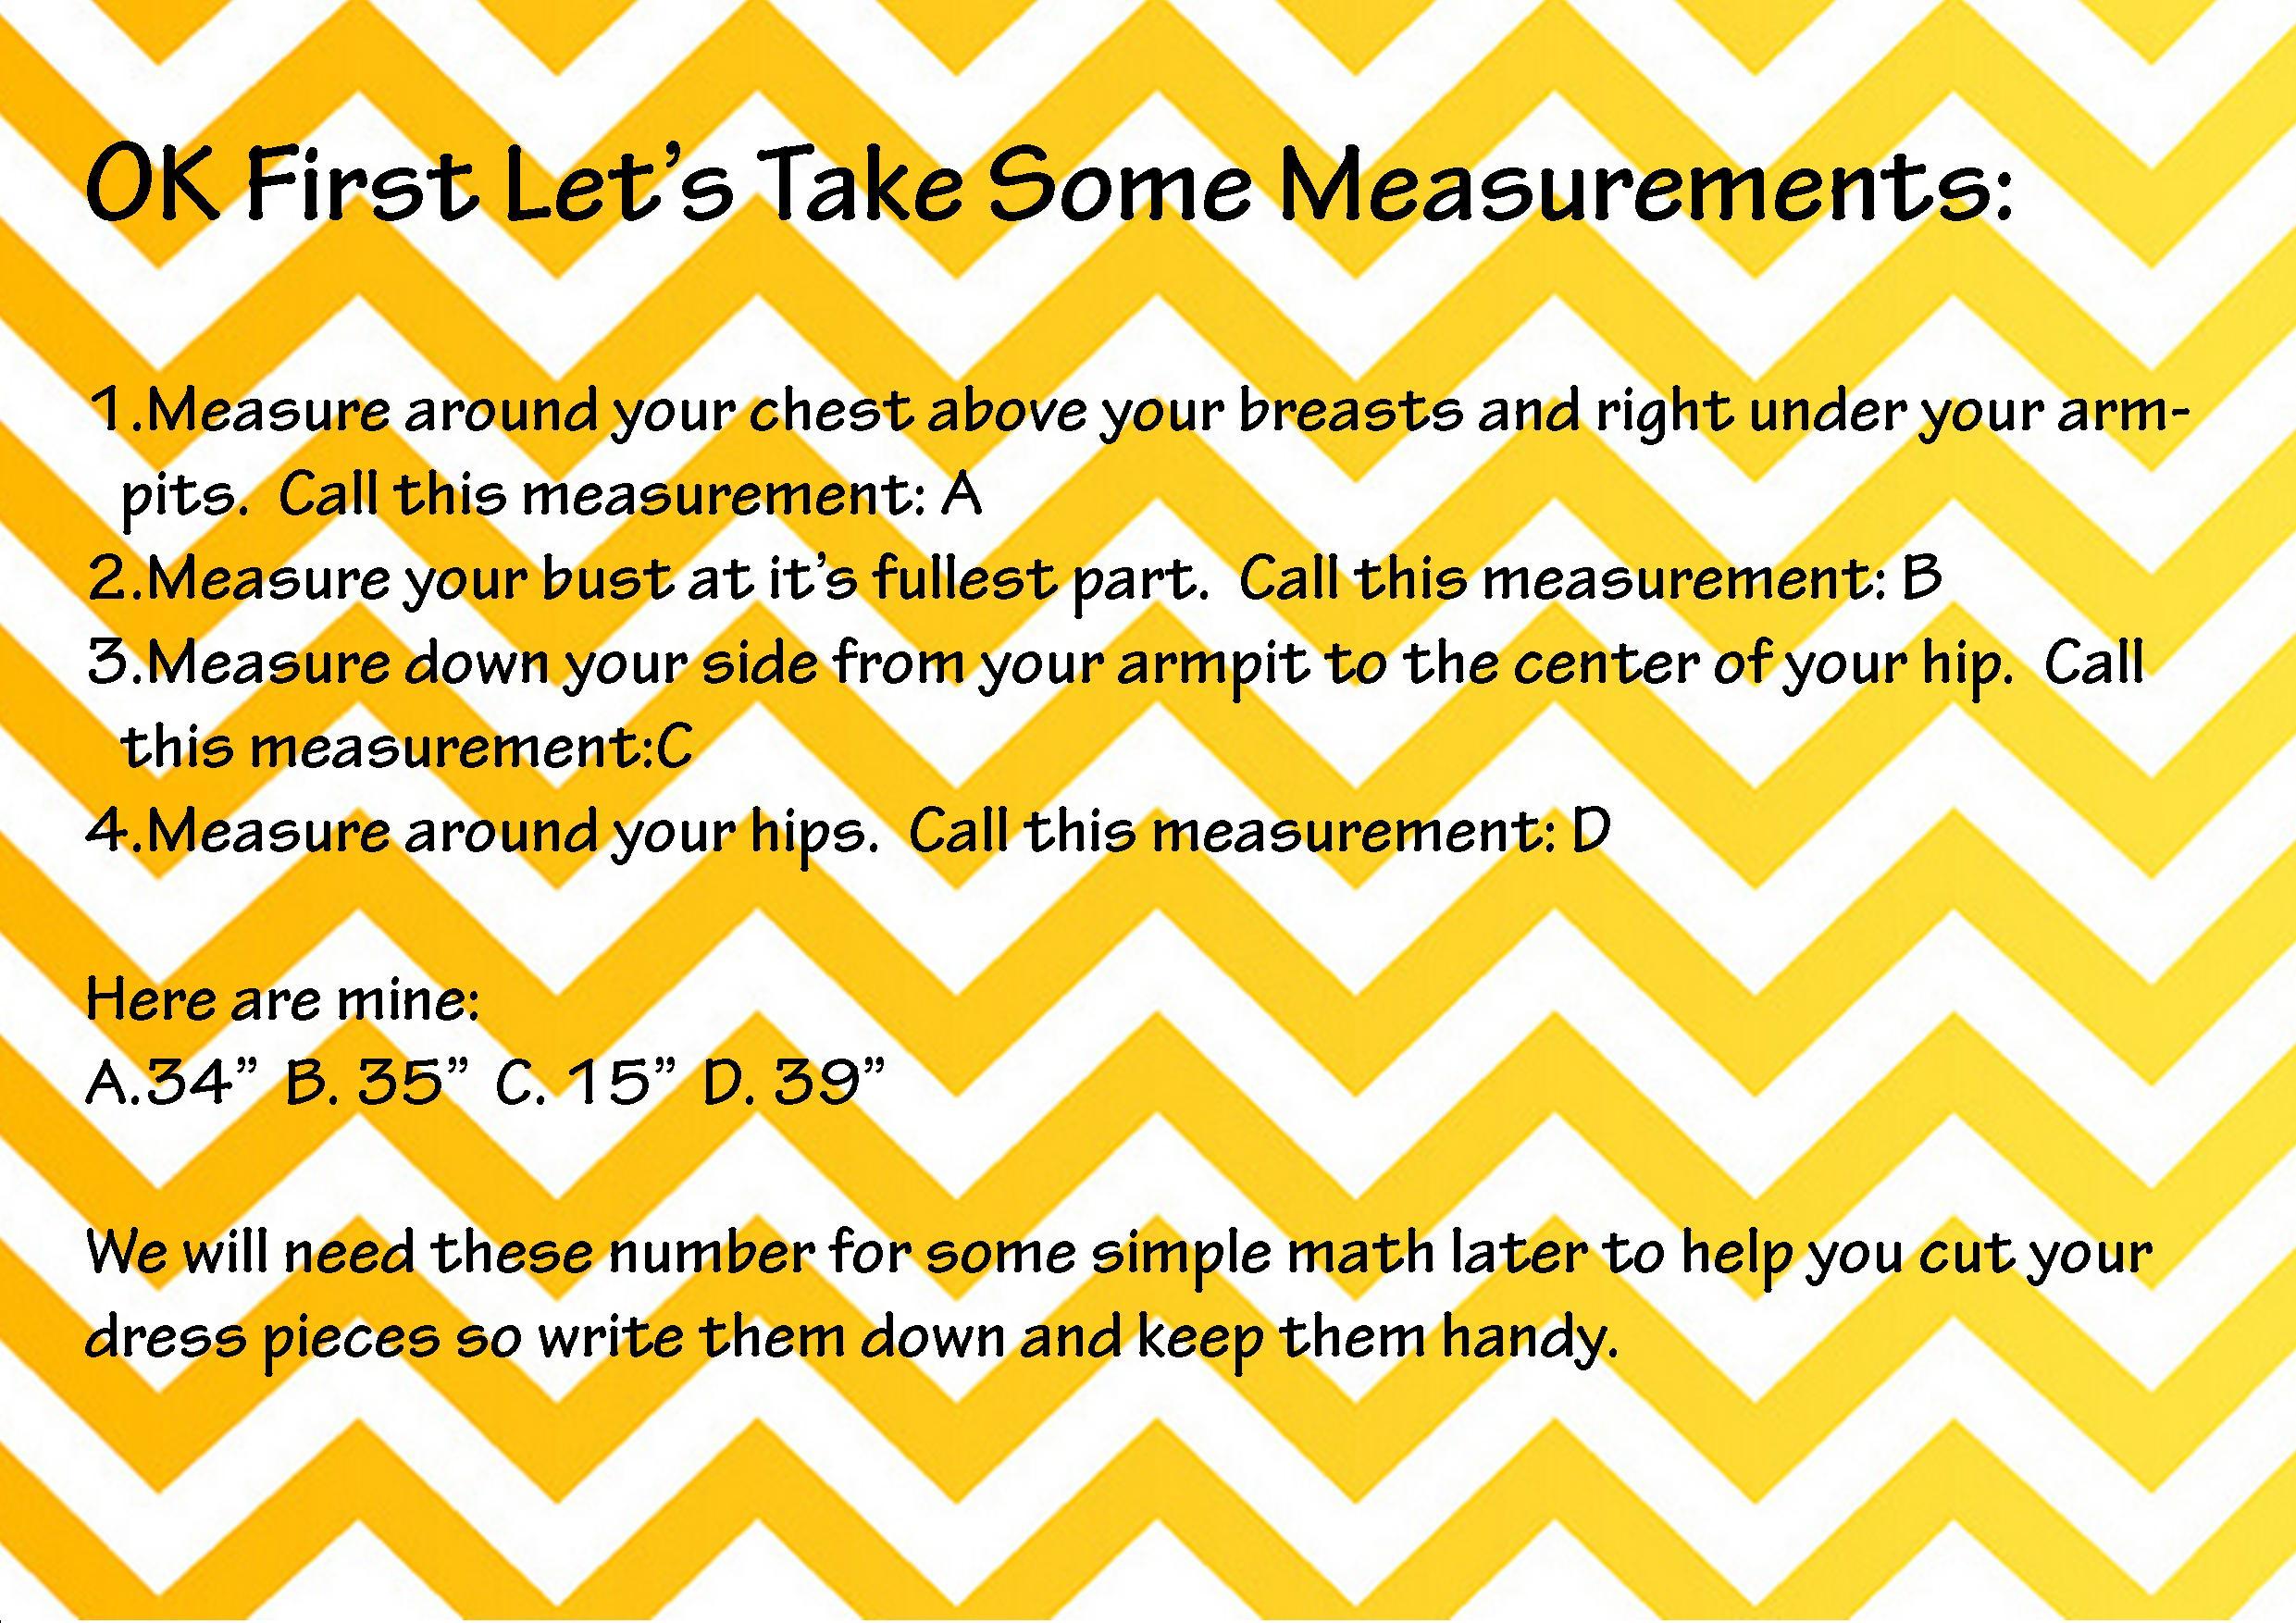 Measurements (1).jpg